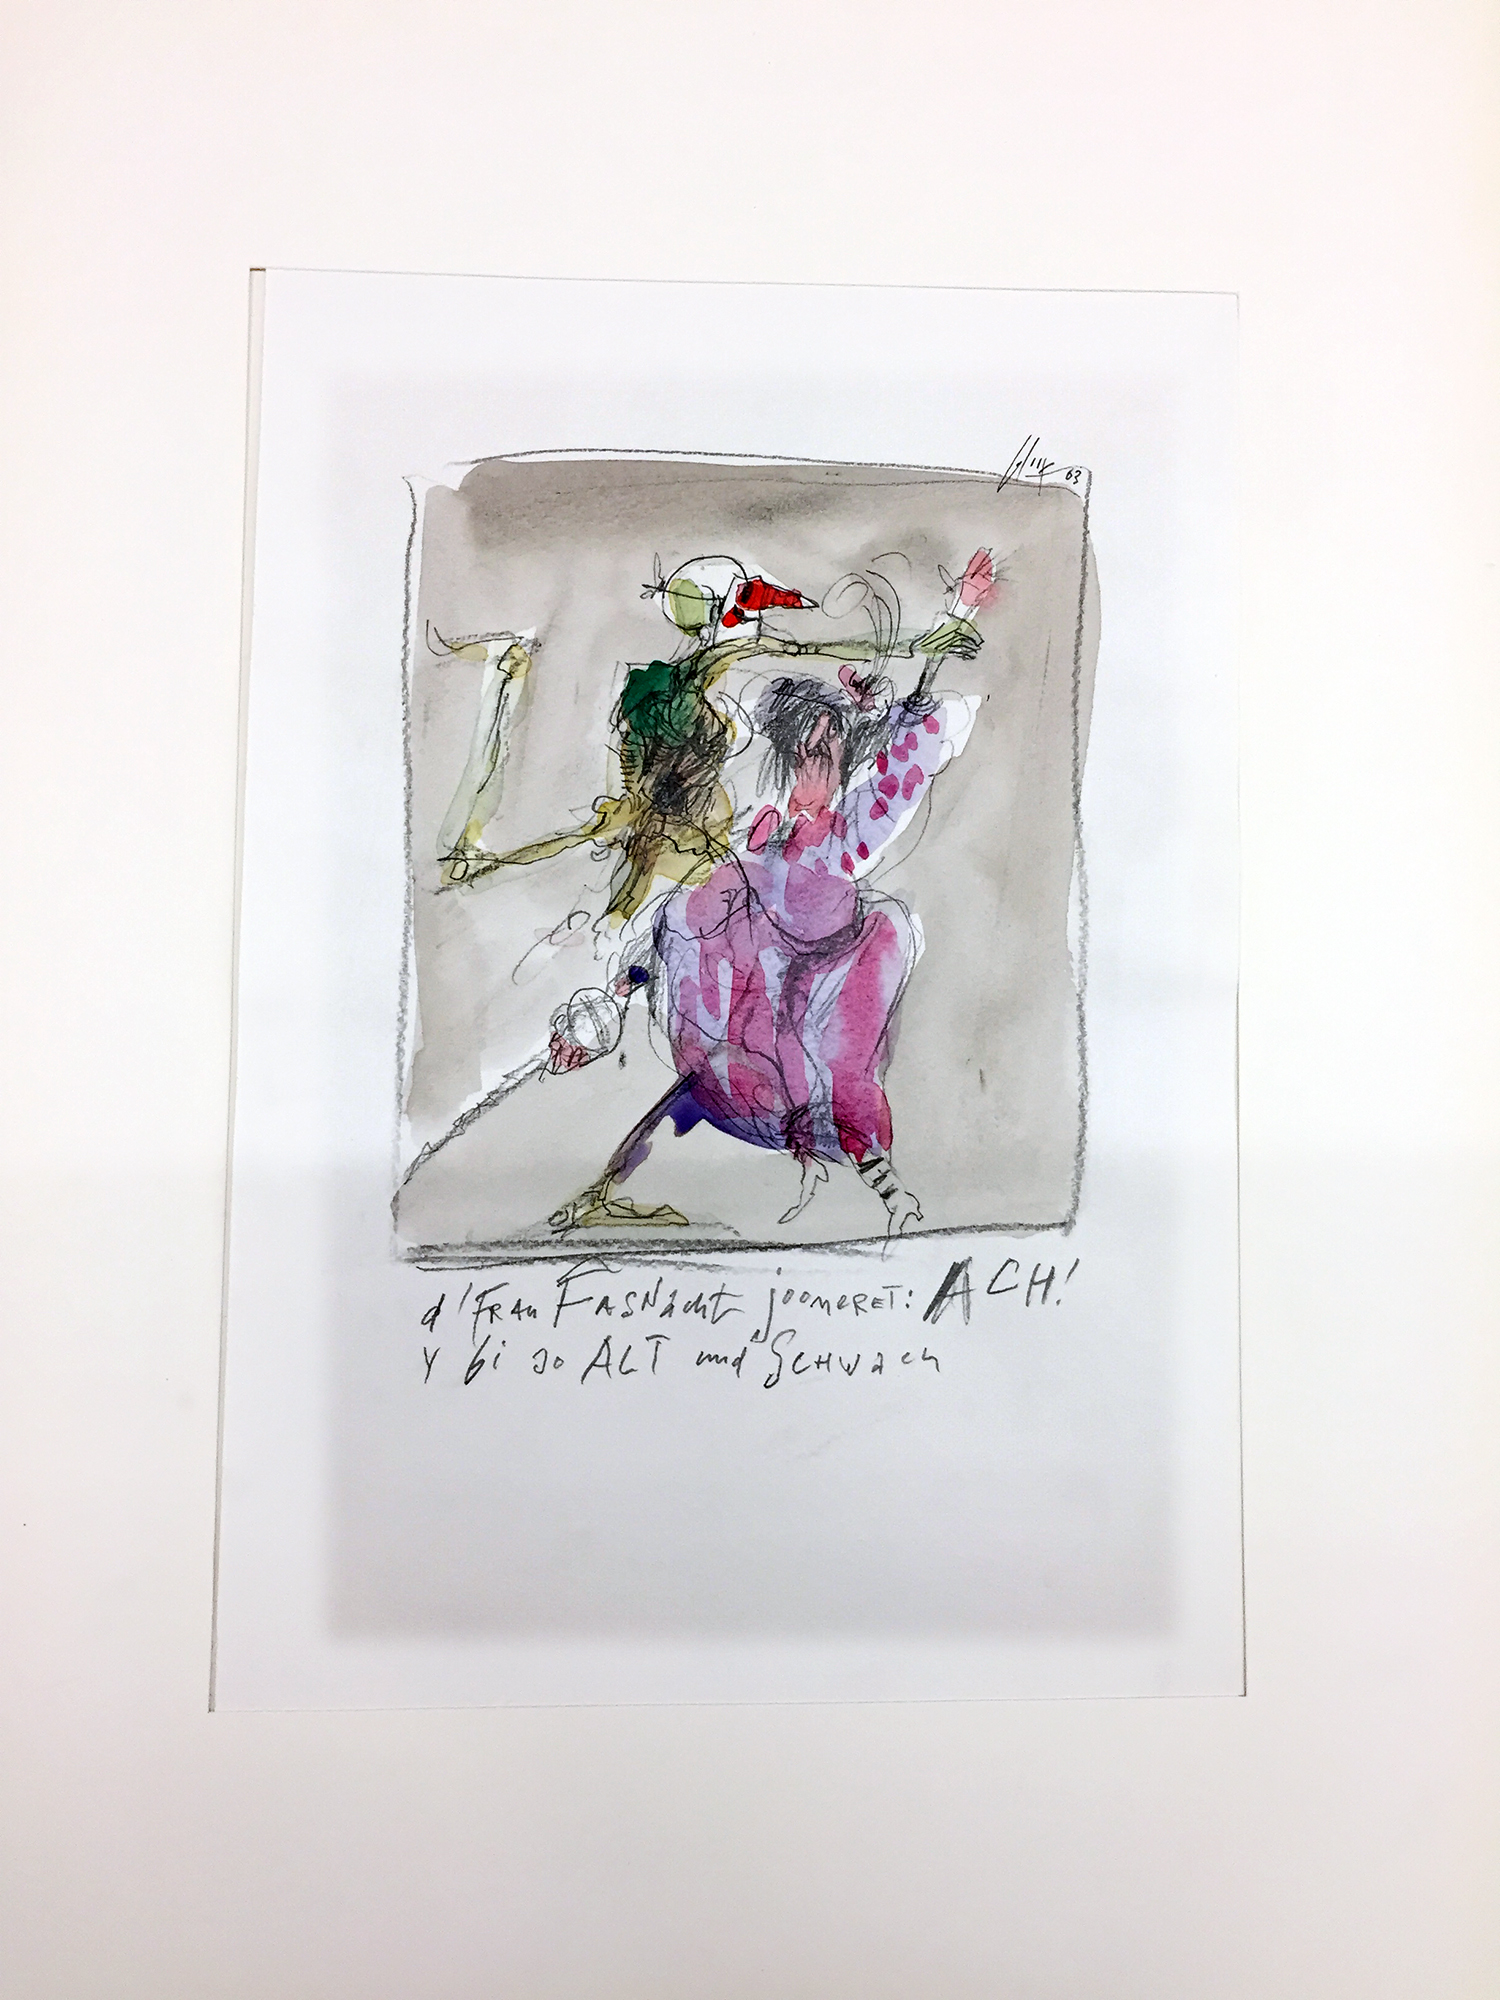 Basler Totentanz, 2003, Mischtechnik auf Zeichenpapier, 20 x 28 cm, ohne Rahmen